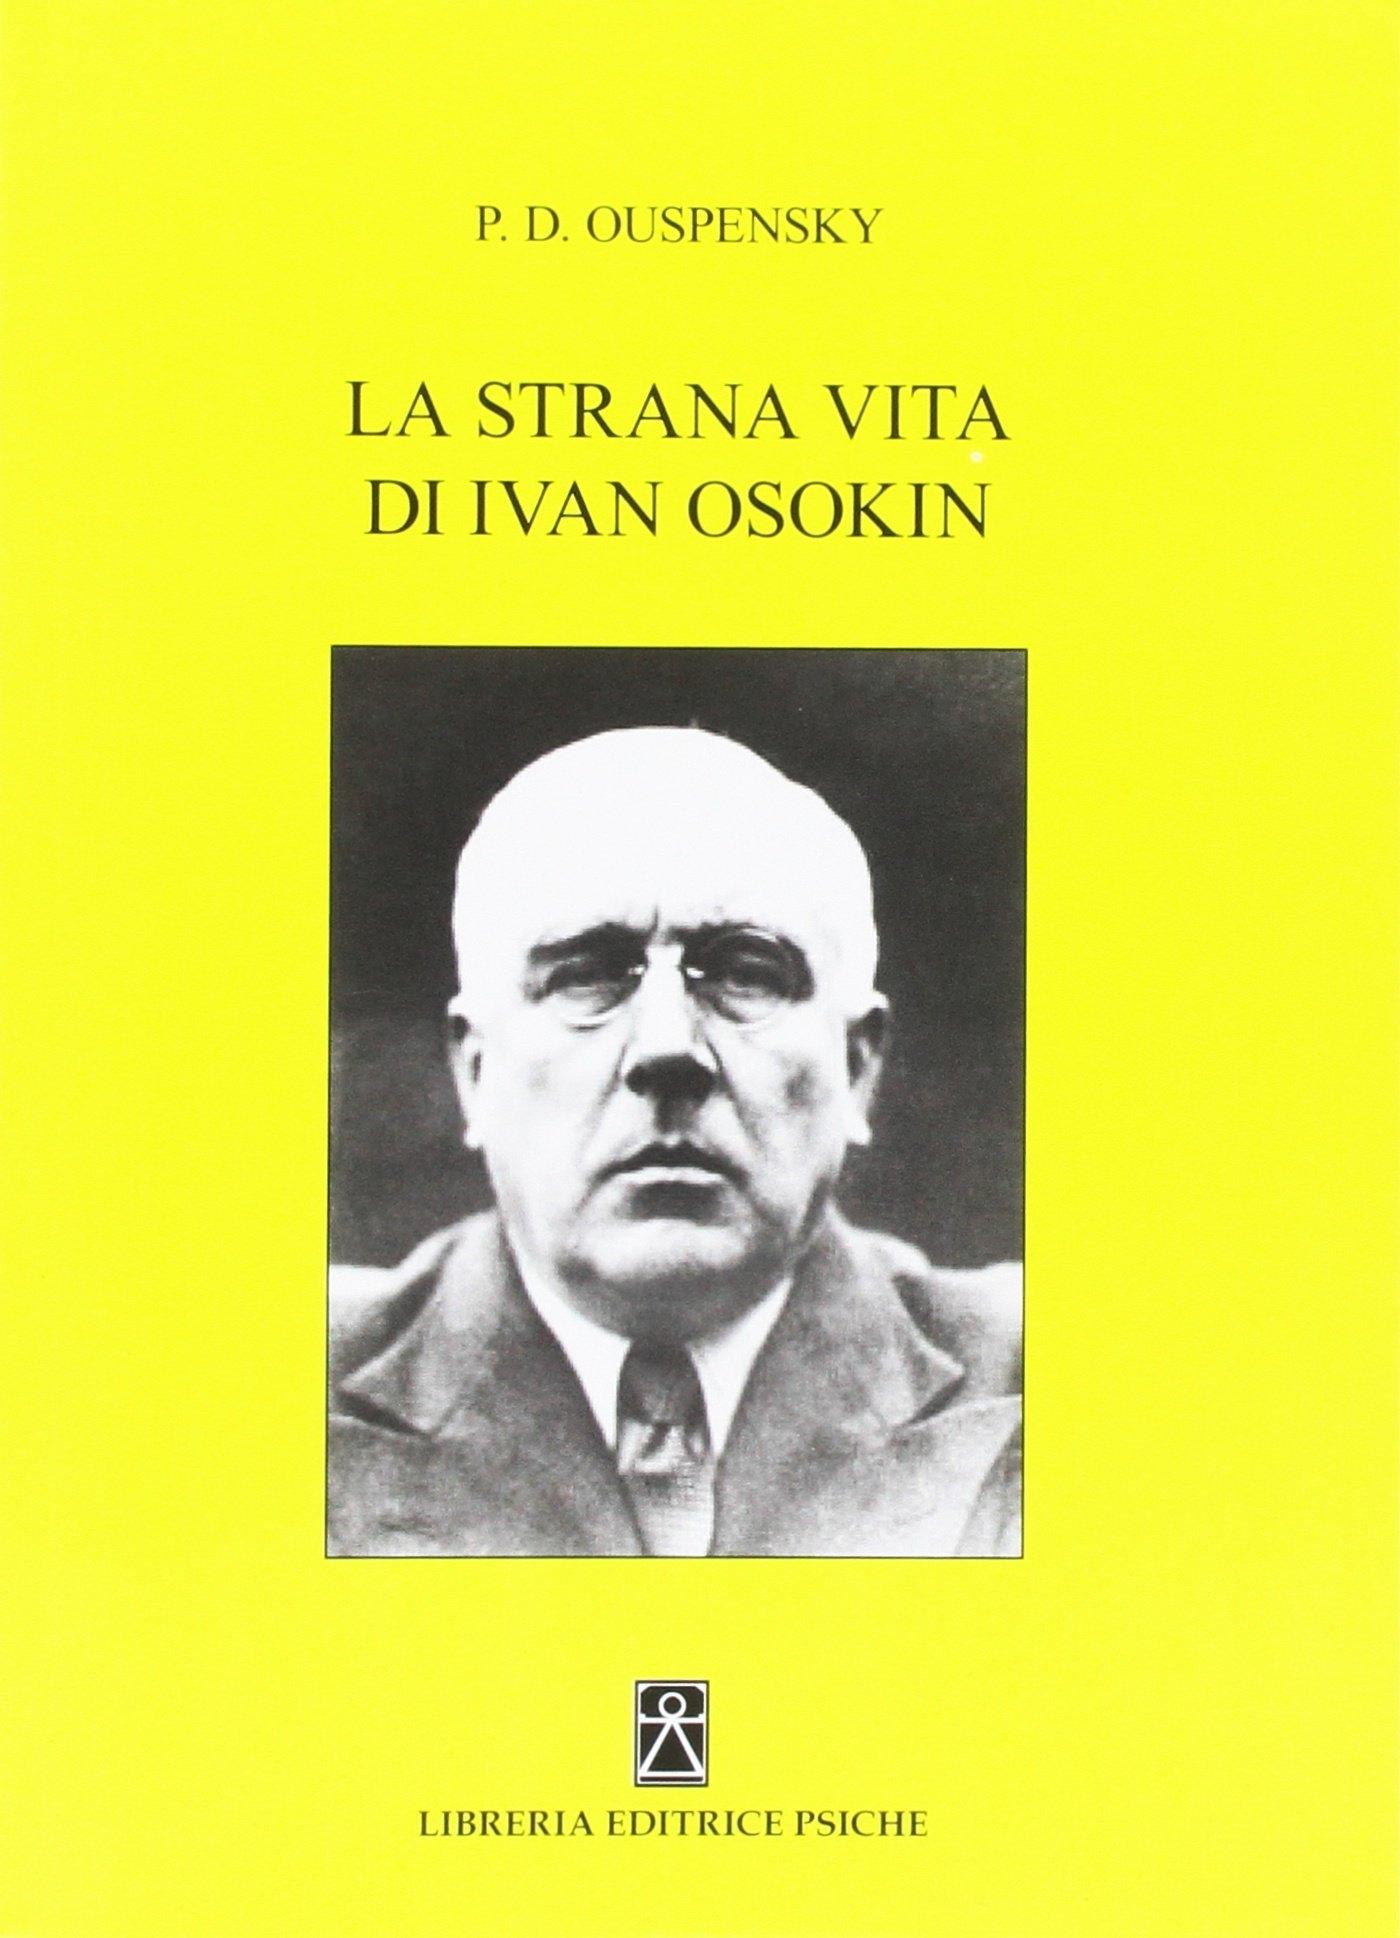 La Strana Vita di IVAn Osokin